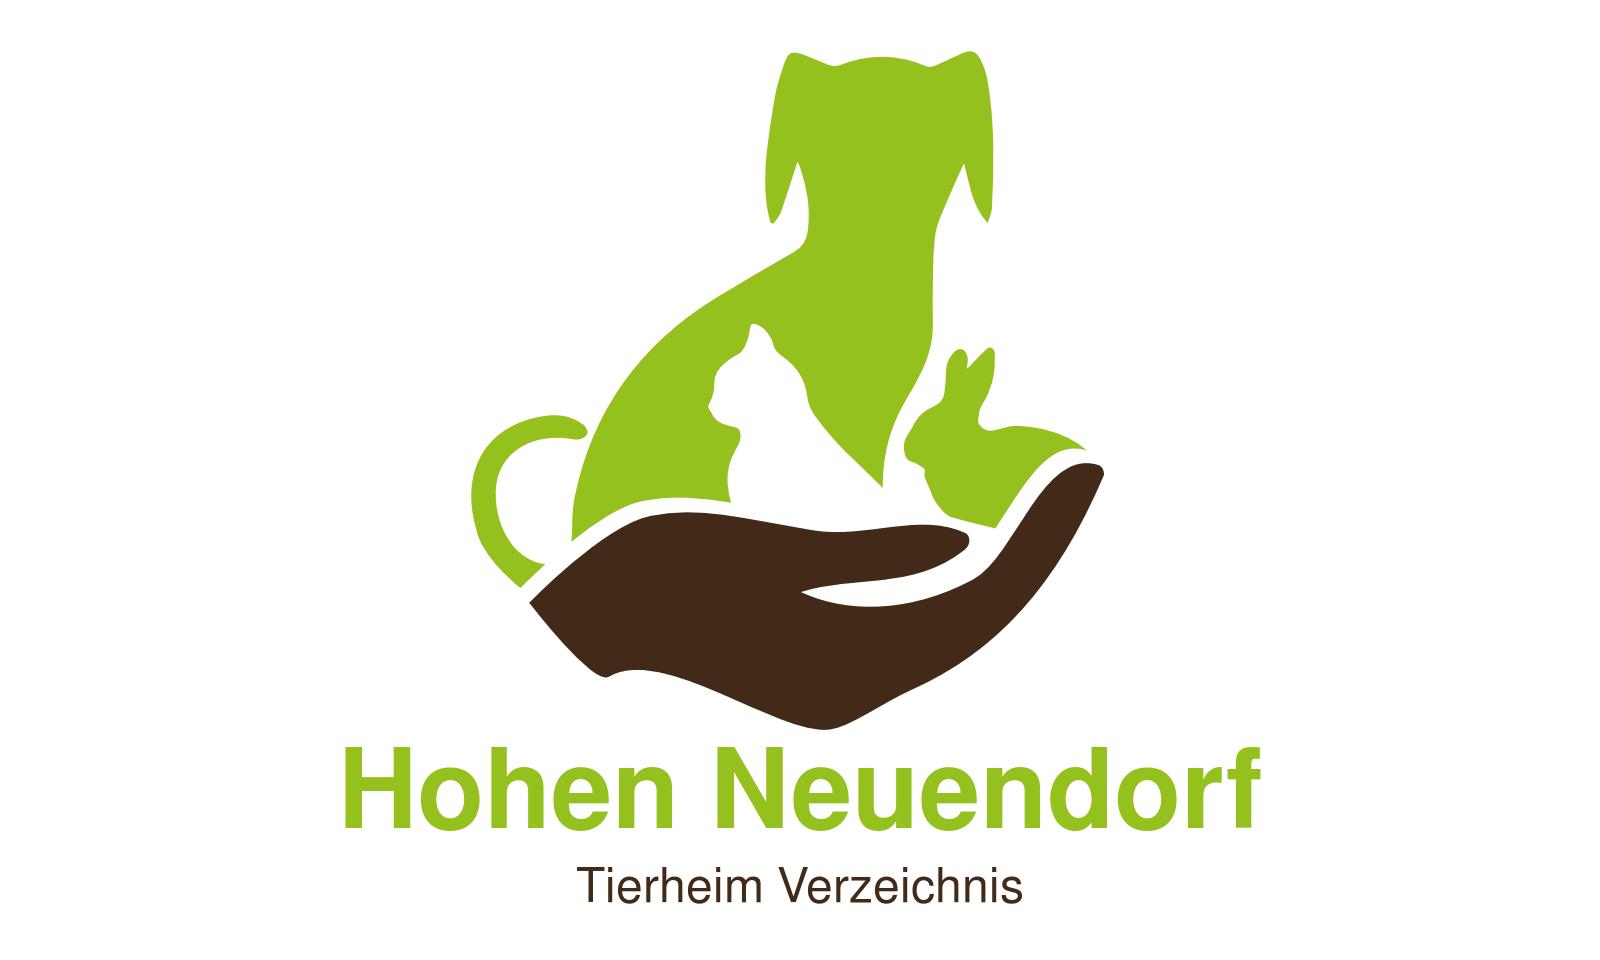 Tierheim Hohen Neuendorf